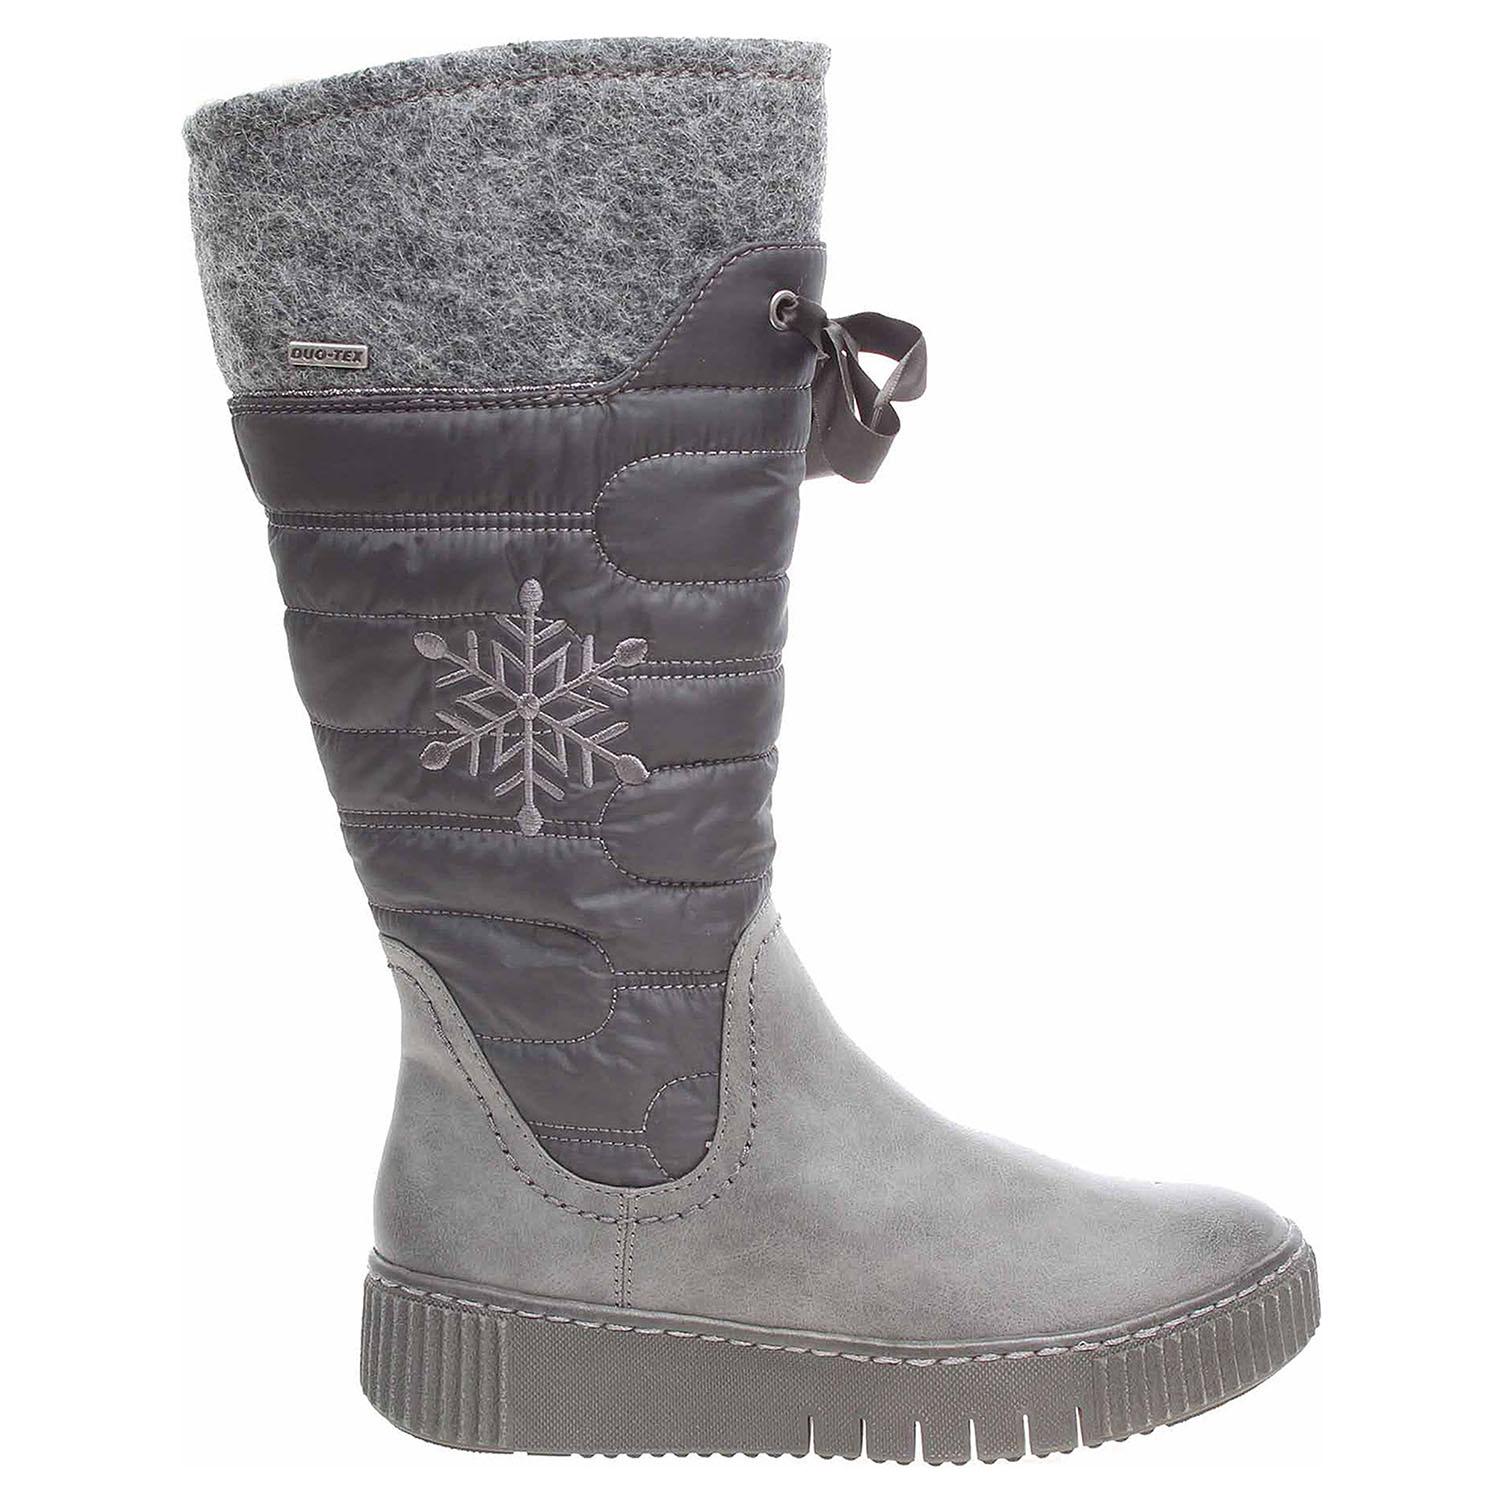 Ecco Tamaris dámská obuv 1-26628-39 graphite comb 22400636